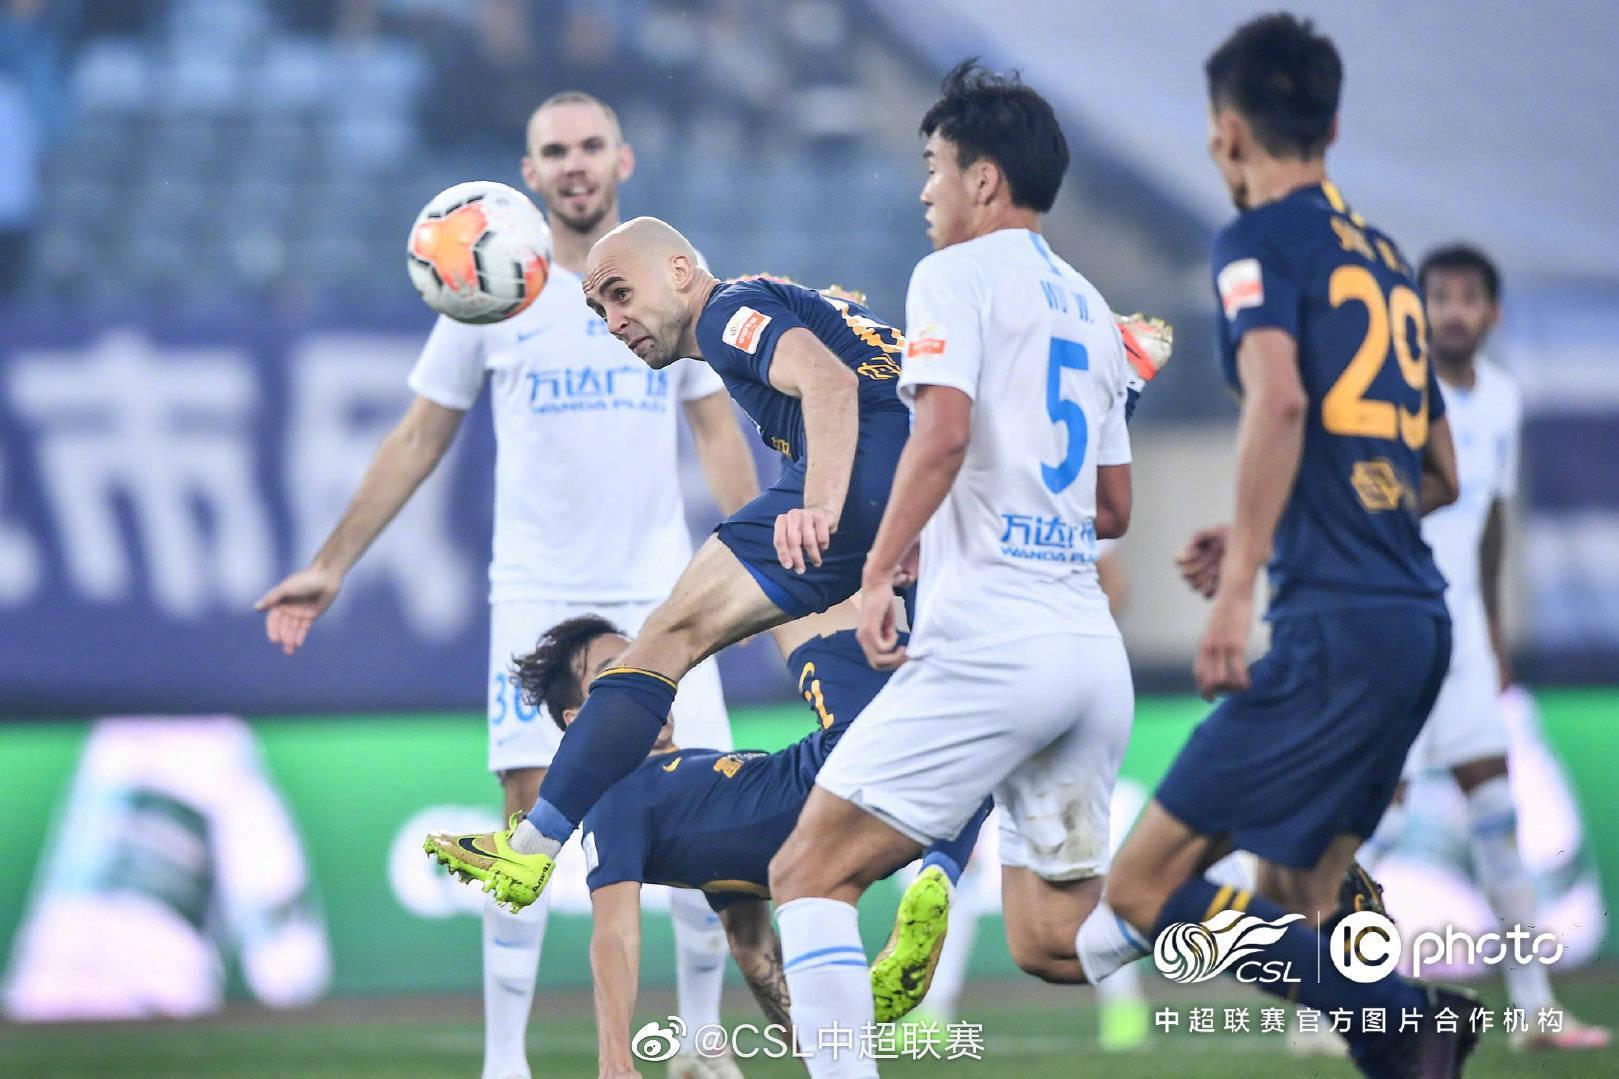 中超第19轮广州富力0:3大连人,拉尔森、汪晋贤与博阿滕进球